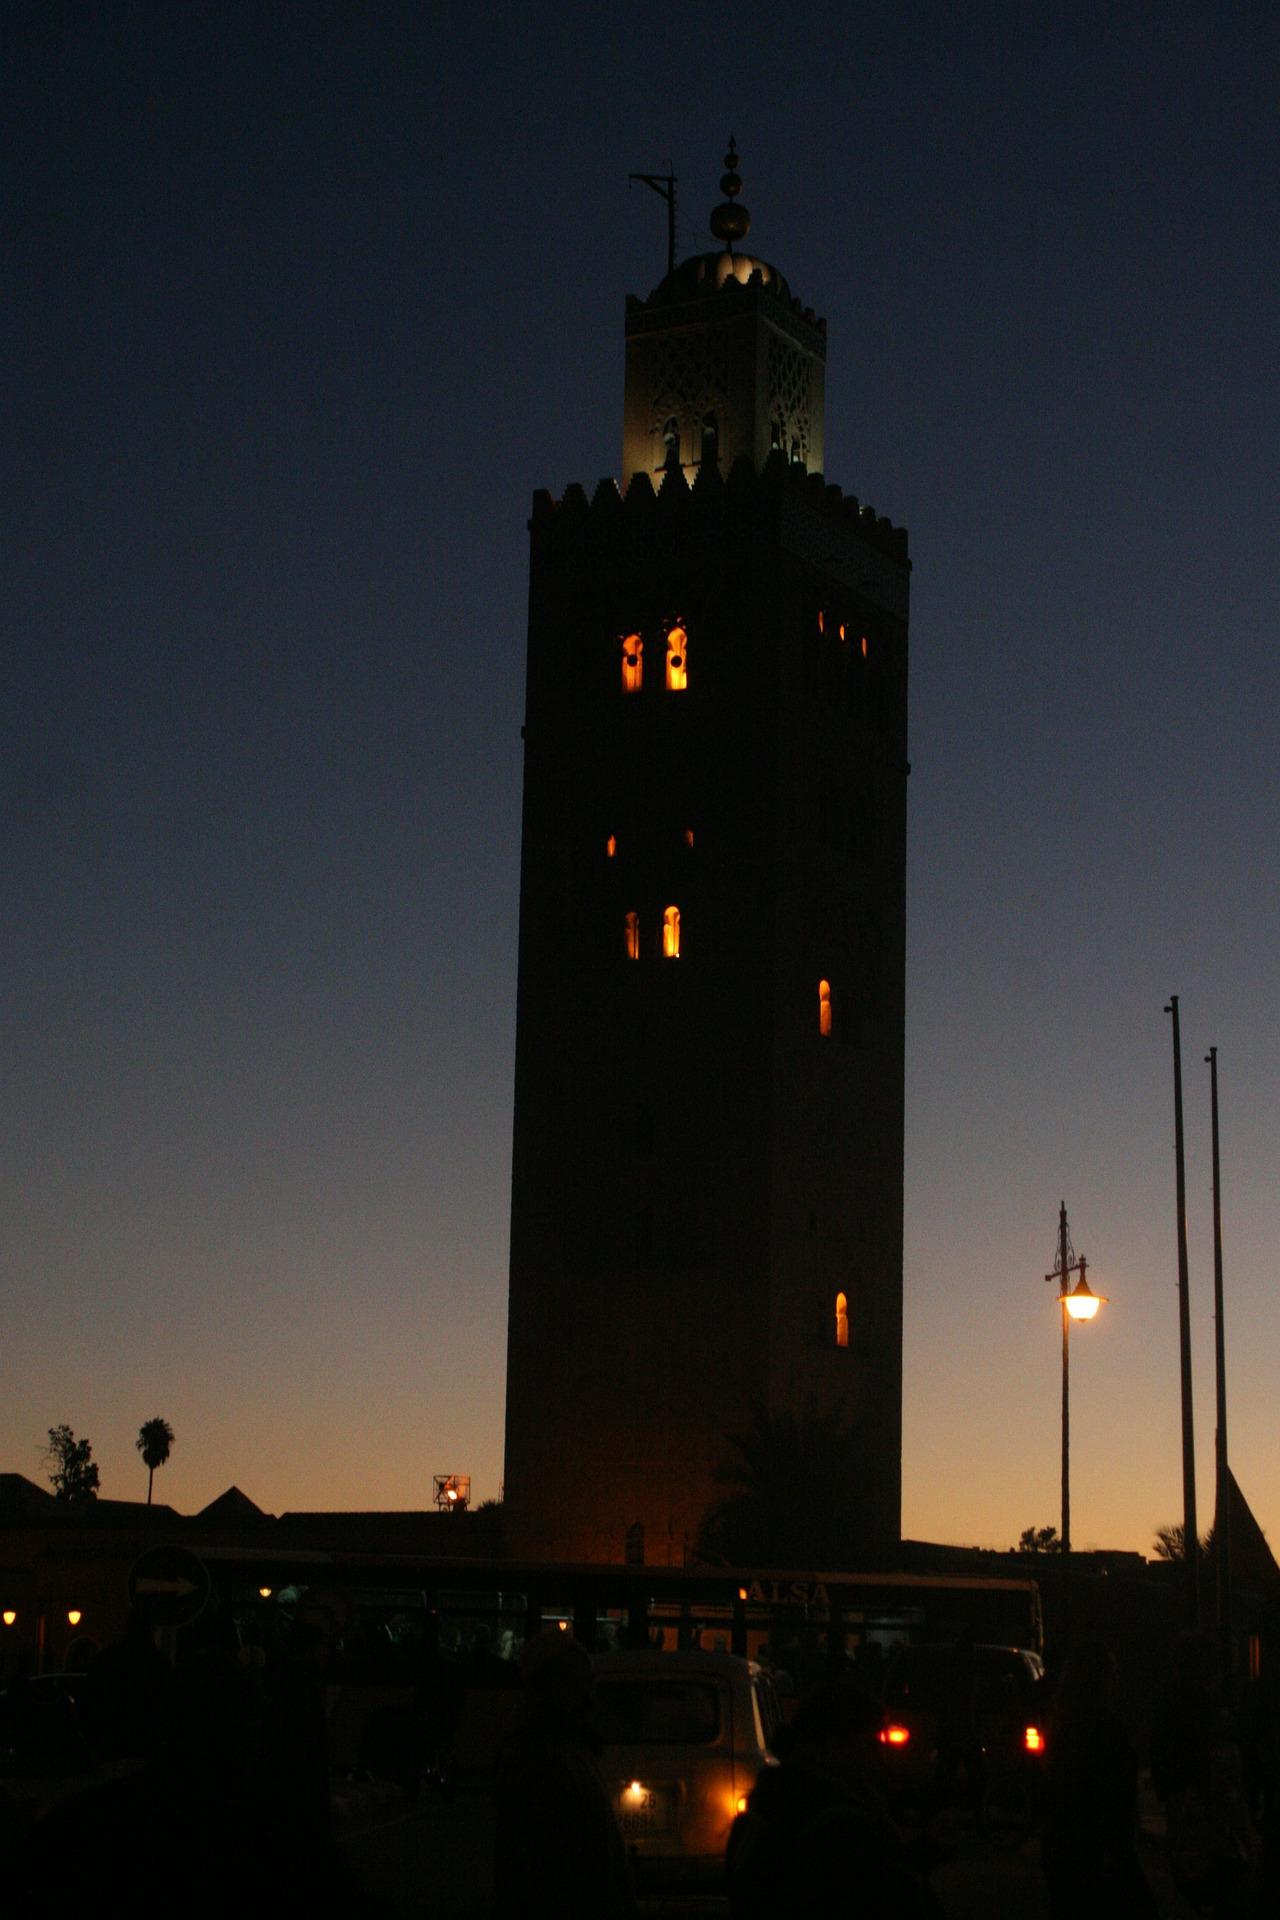 marrakech-71969_1920